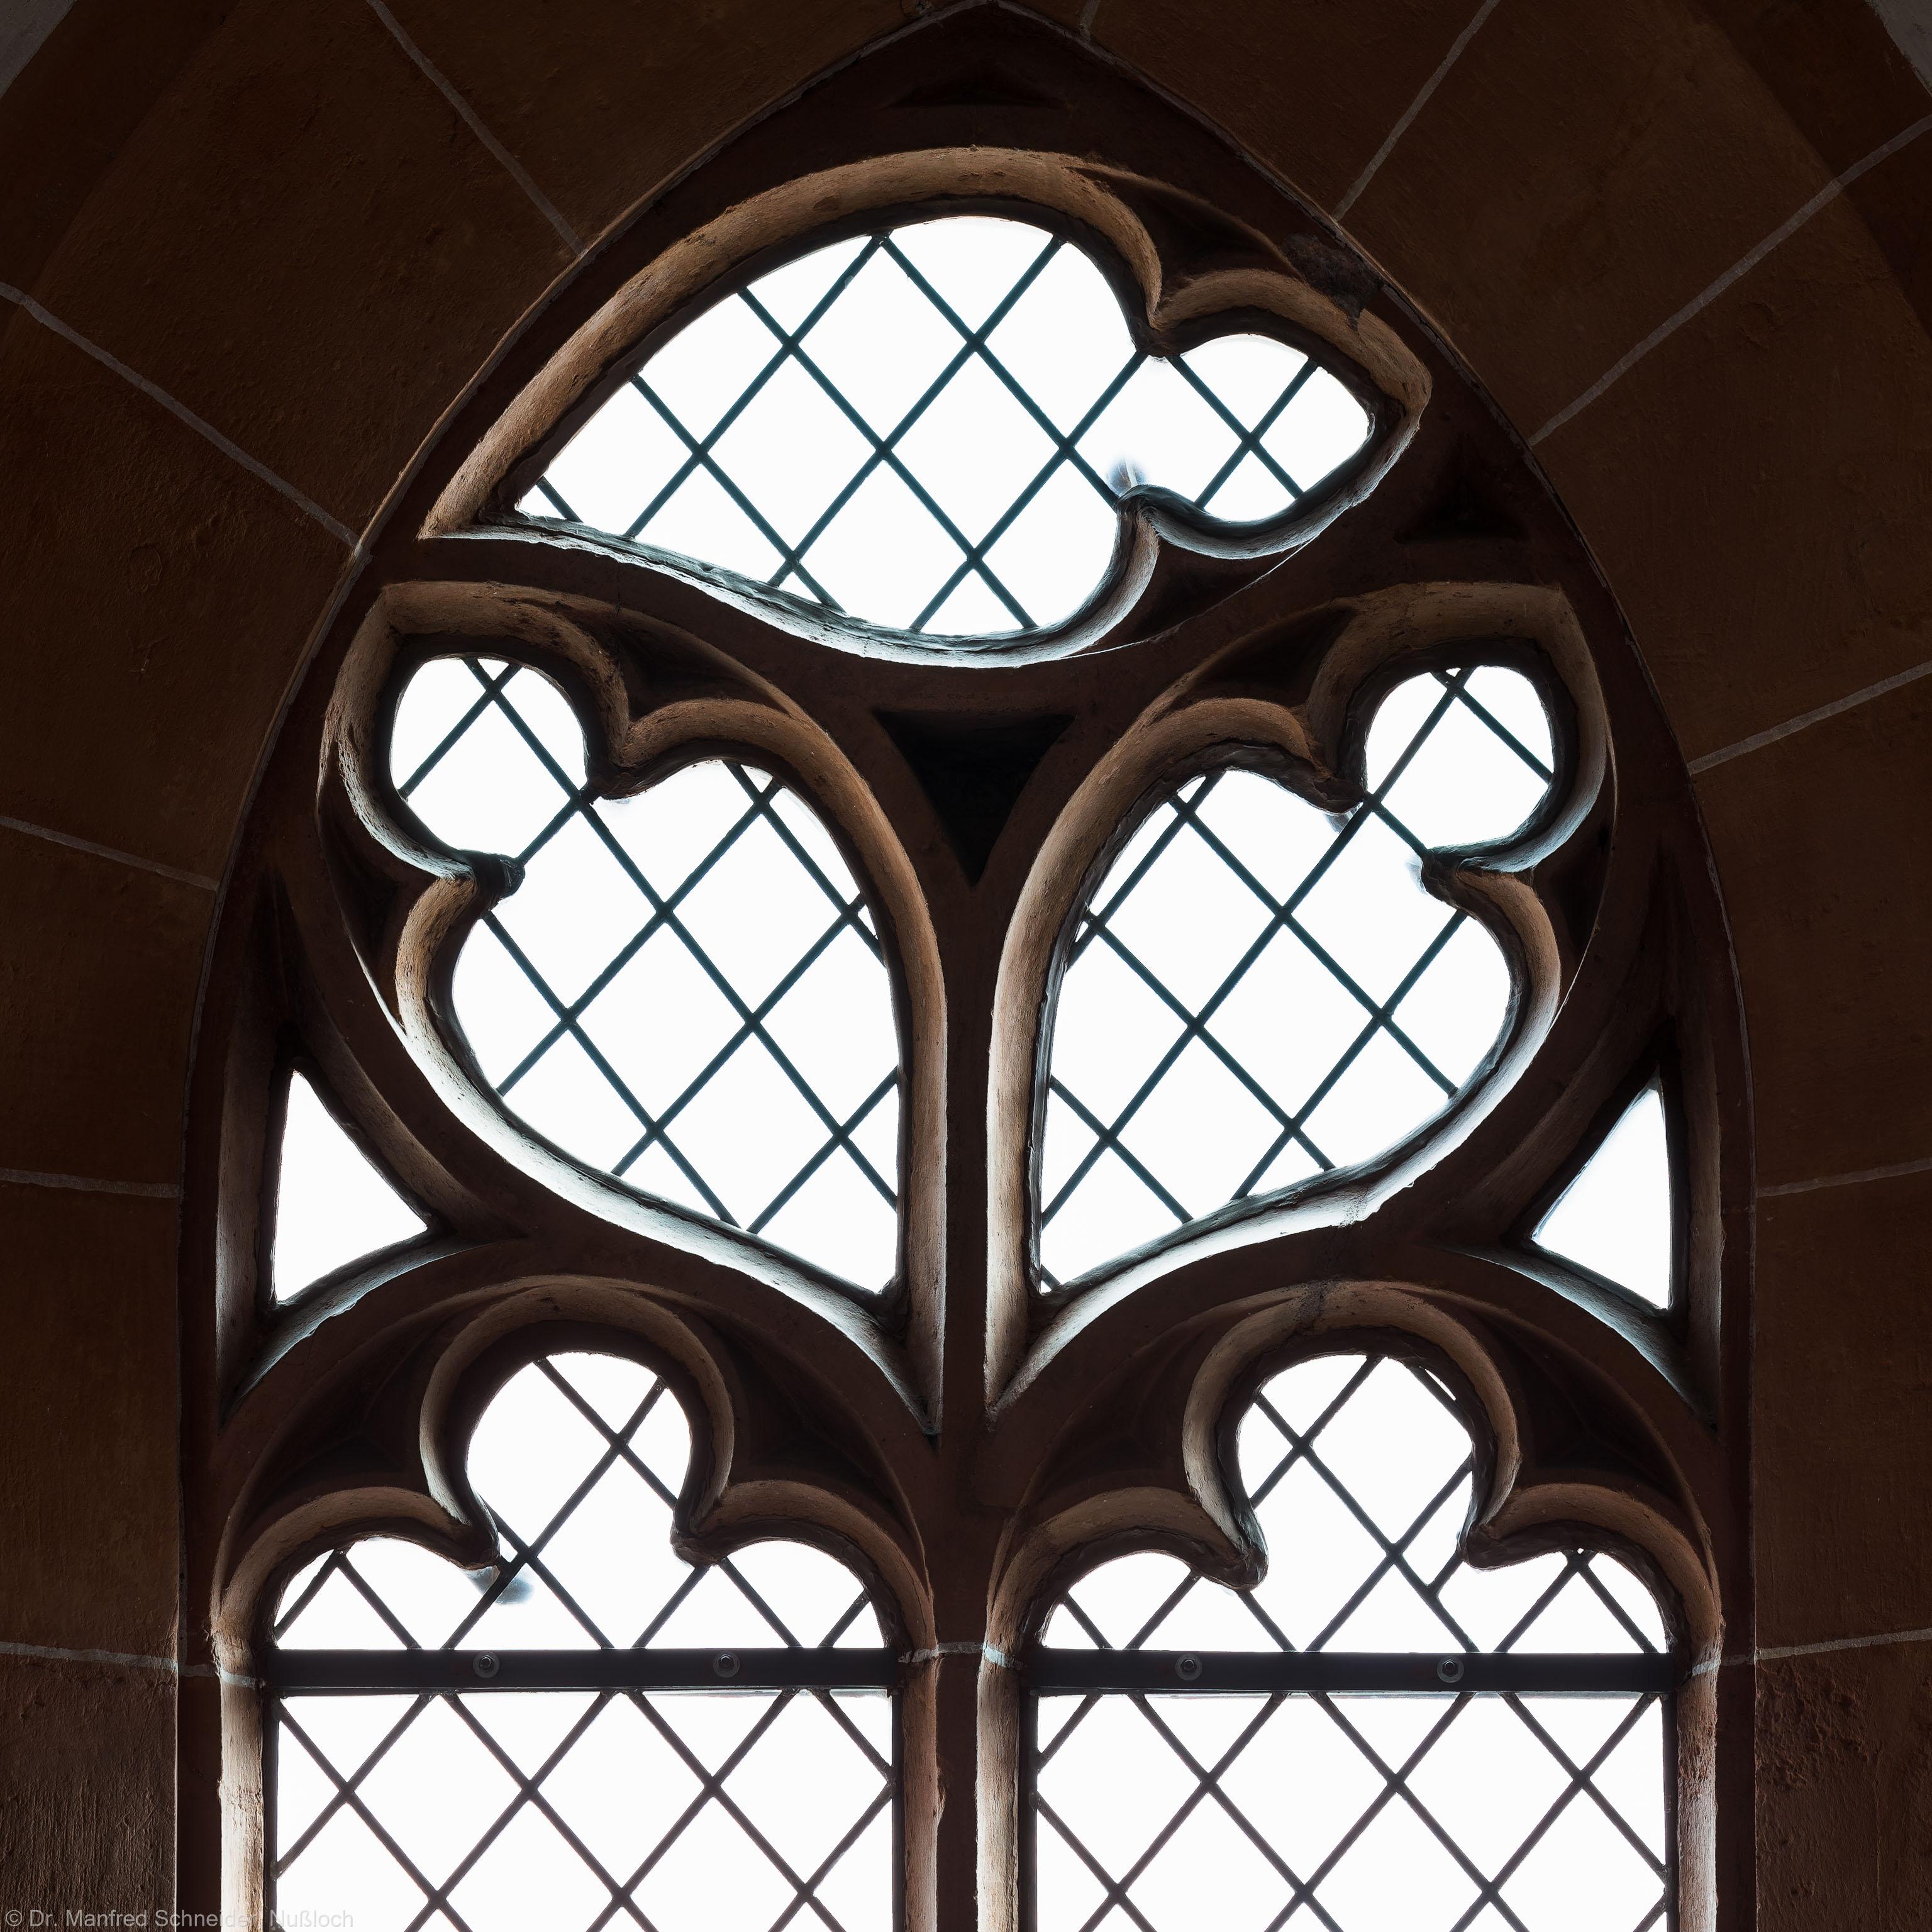 Heidelberg - Heiliggeistkirche - Südempore - 1. Joch, von Westen aus gezählt - Fenstermaßwerk (aufgenommen im Mai 2015, am späten Nachmittag)